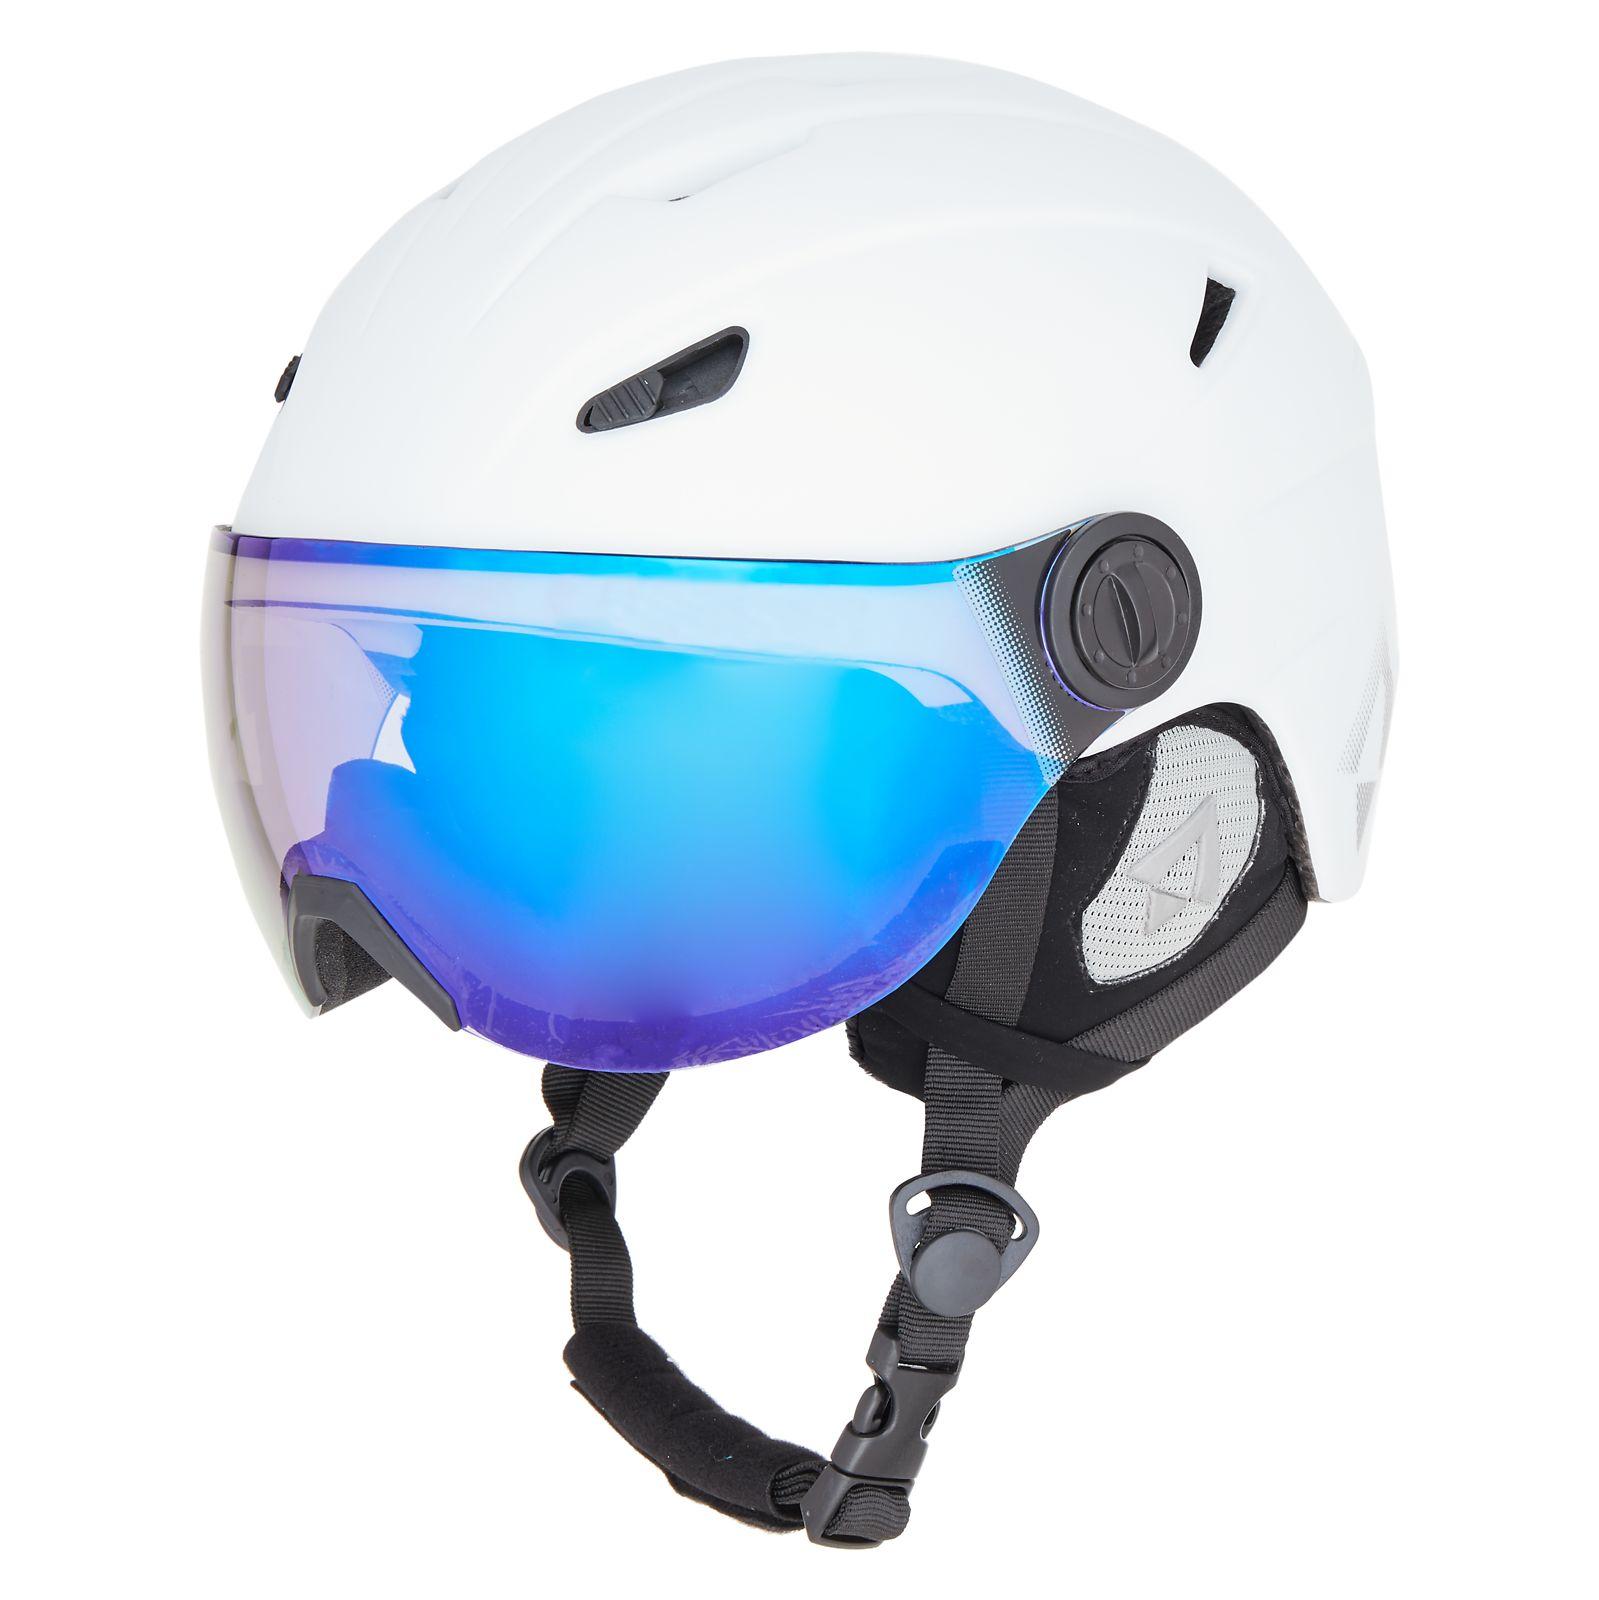 Kask narciarski TecnoPro Pulse Visor Photochromic Revo 296636